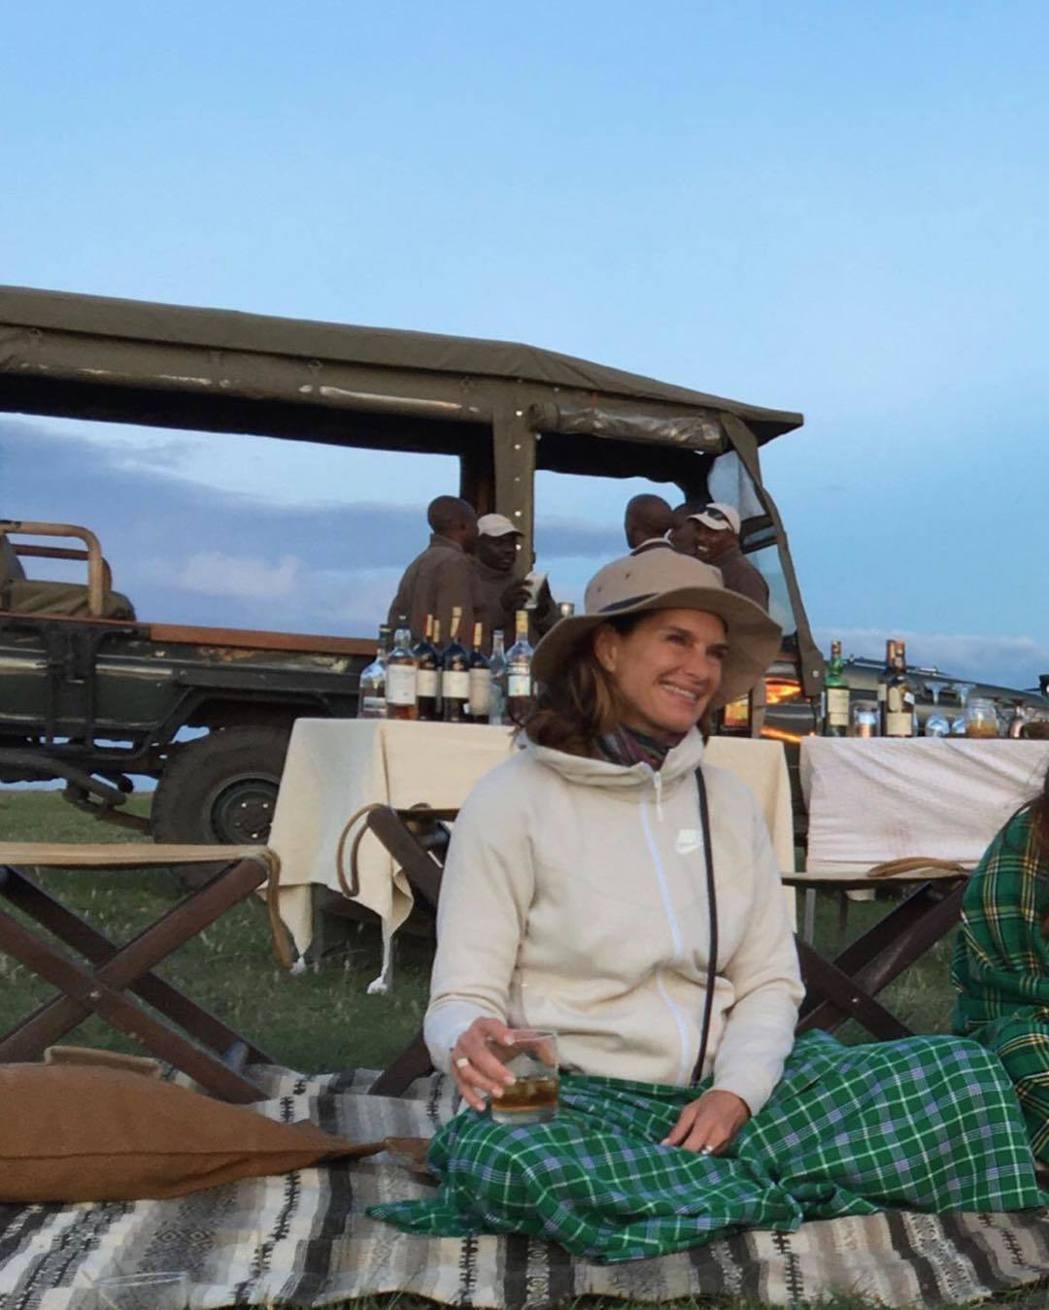 布魯克雪德絲年過半百,生活愜意自在。圖/摘自Instagram